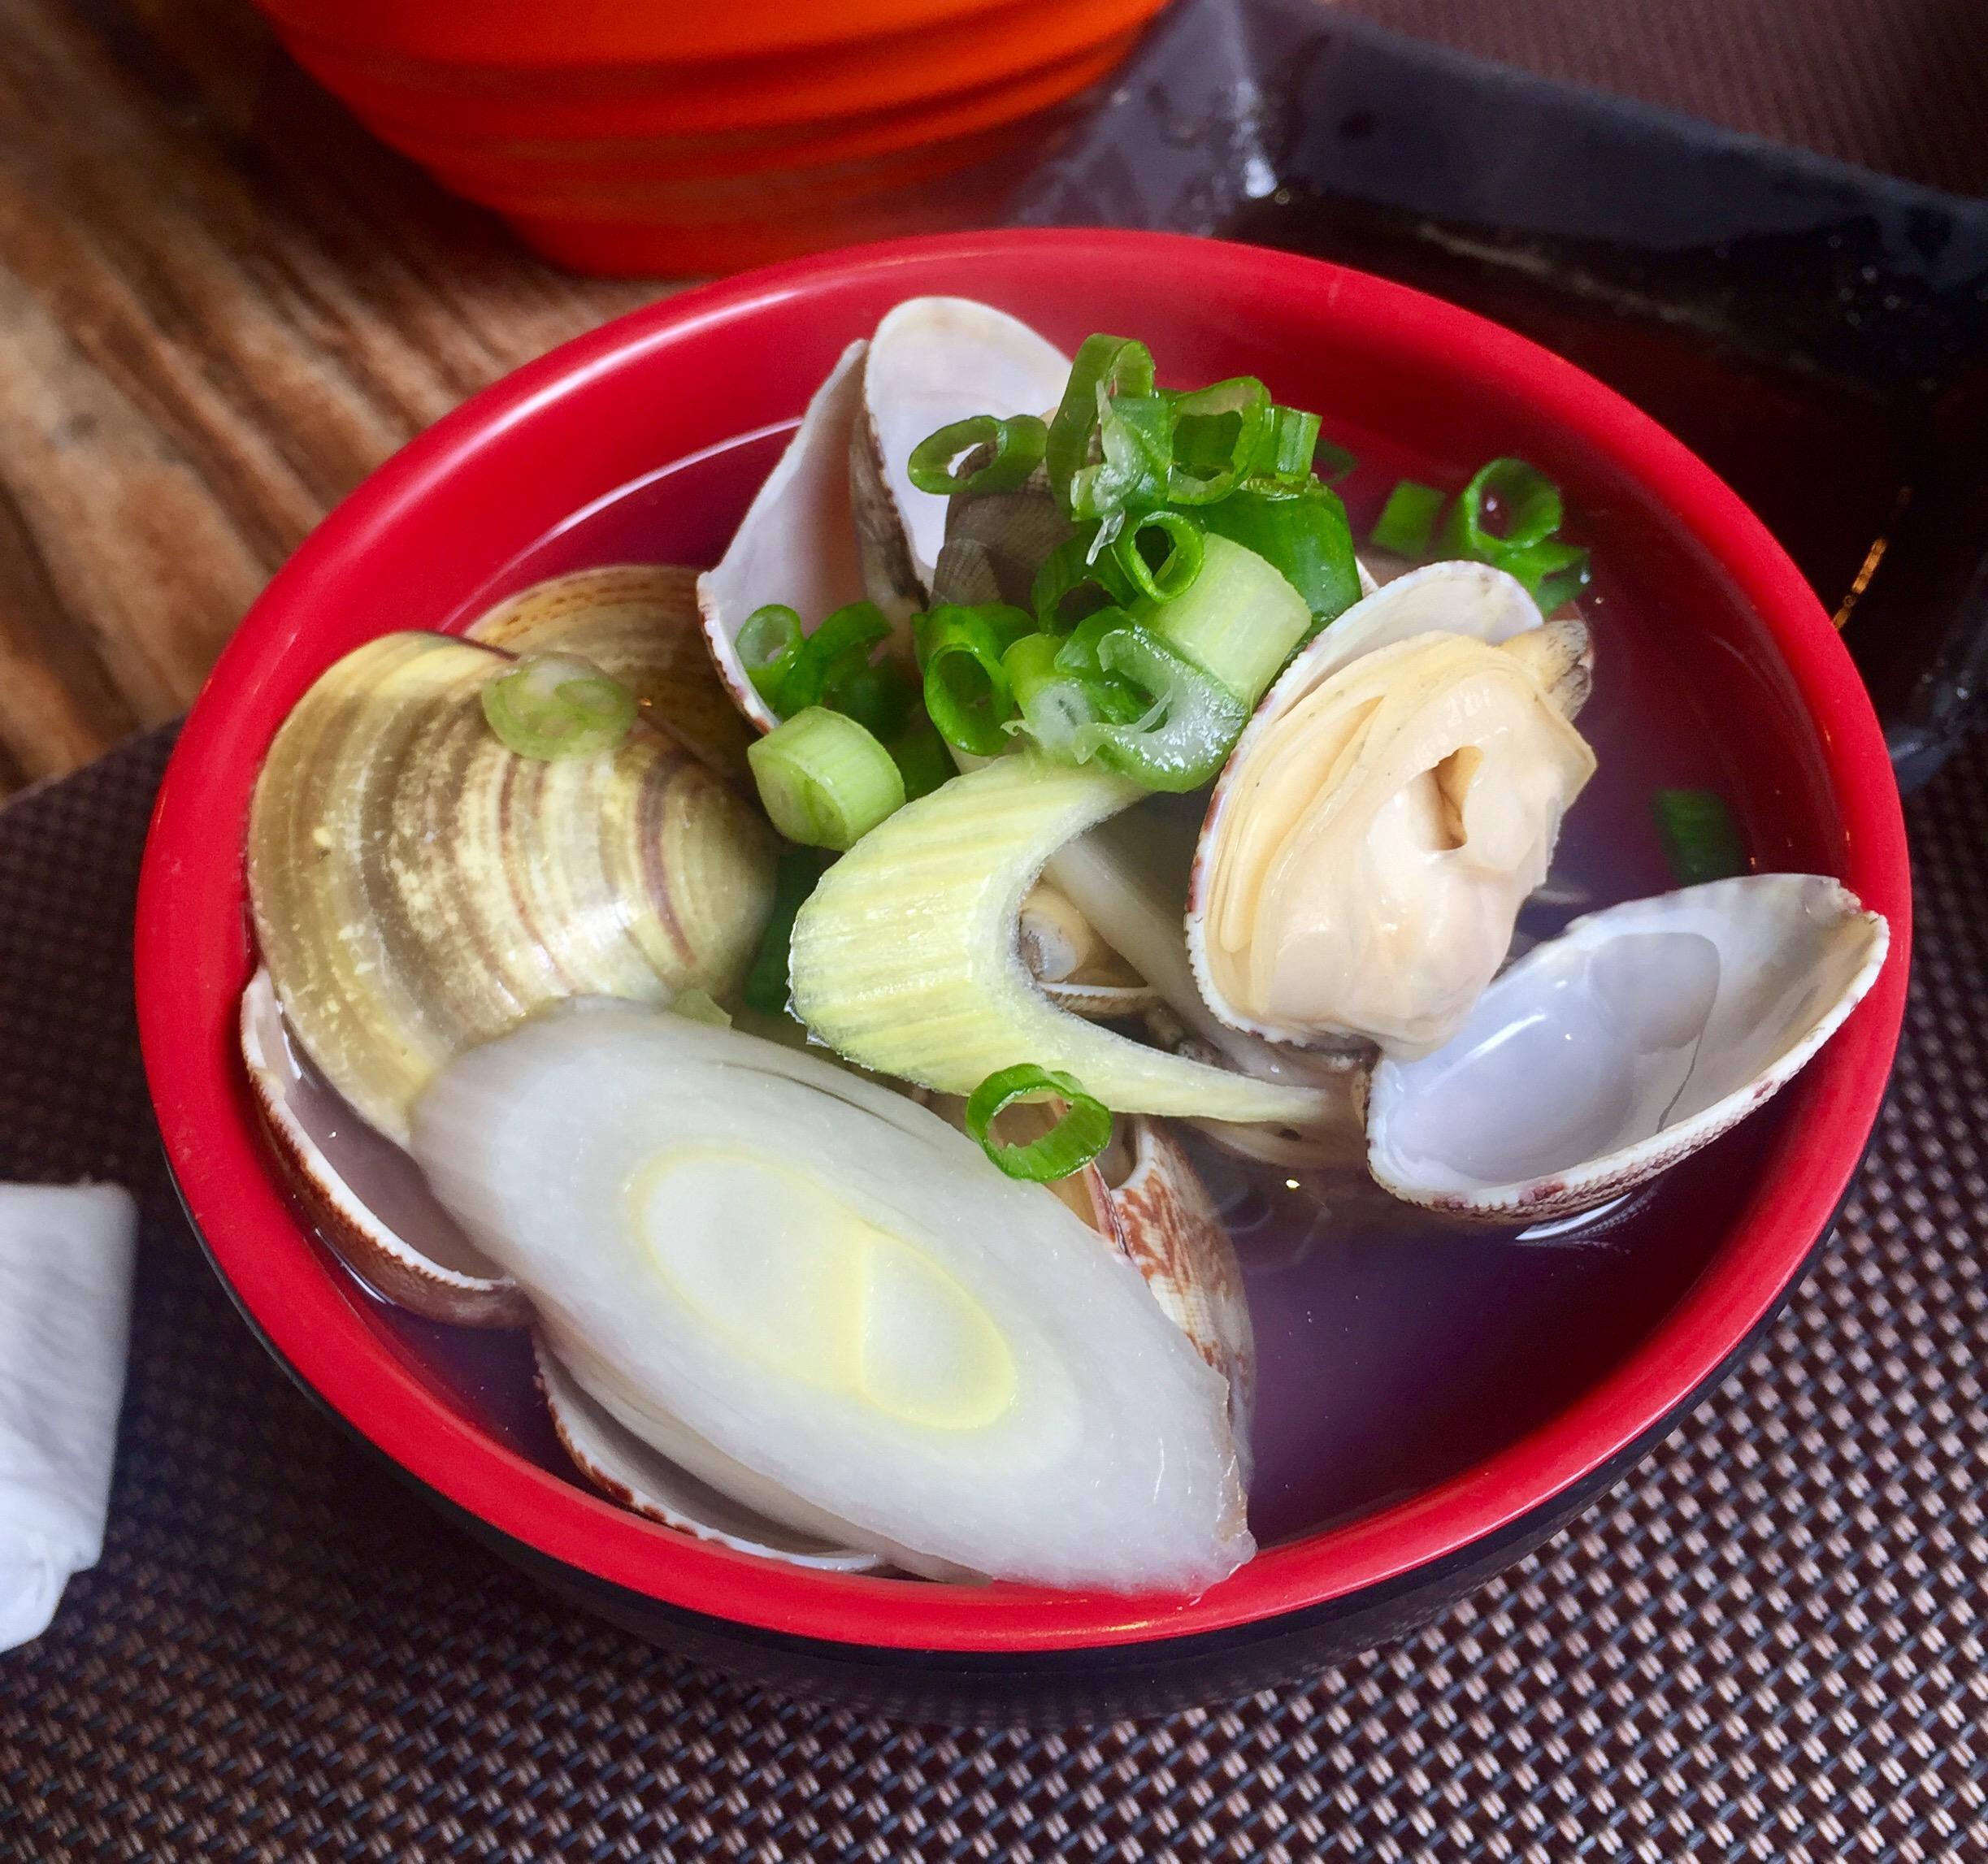 【Mong Kok旺角】大本瀛日式放題 DaBenEi Japanese Restaurant – Madness de Mars